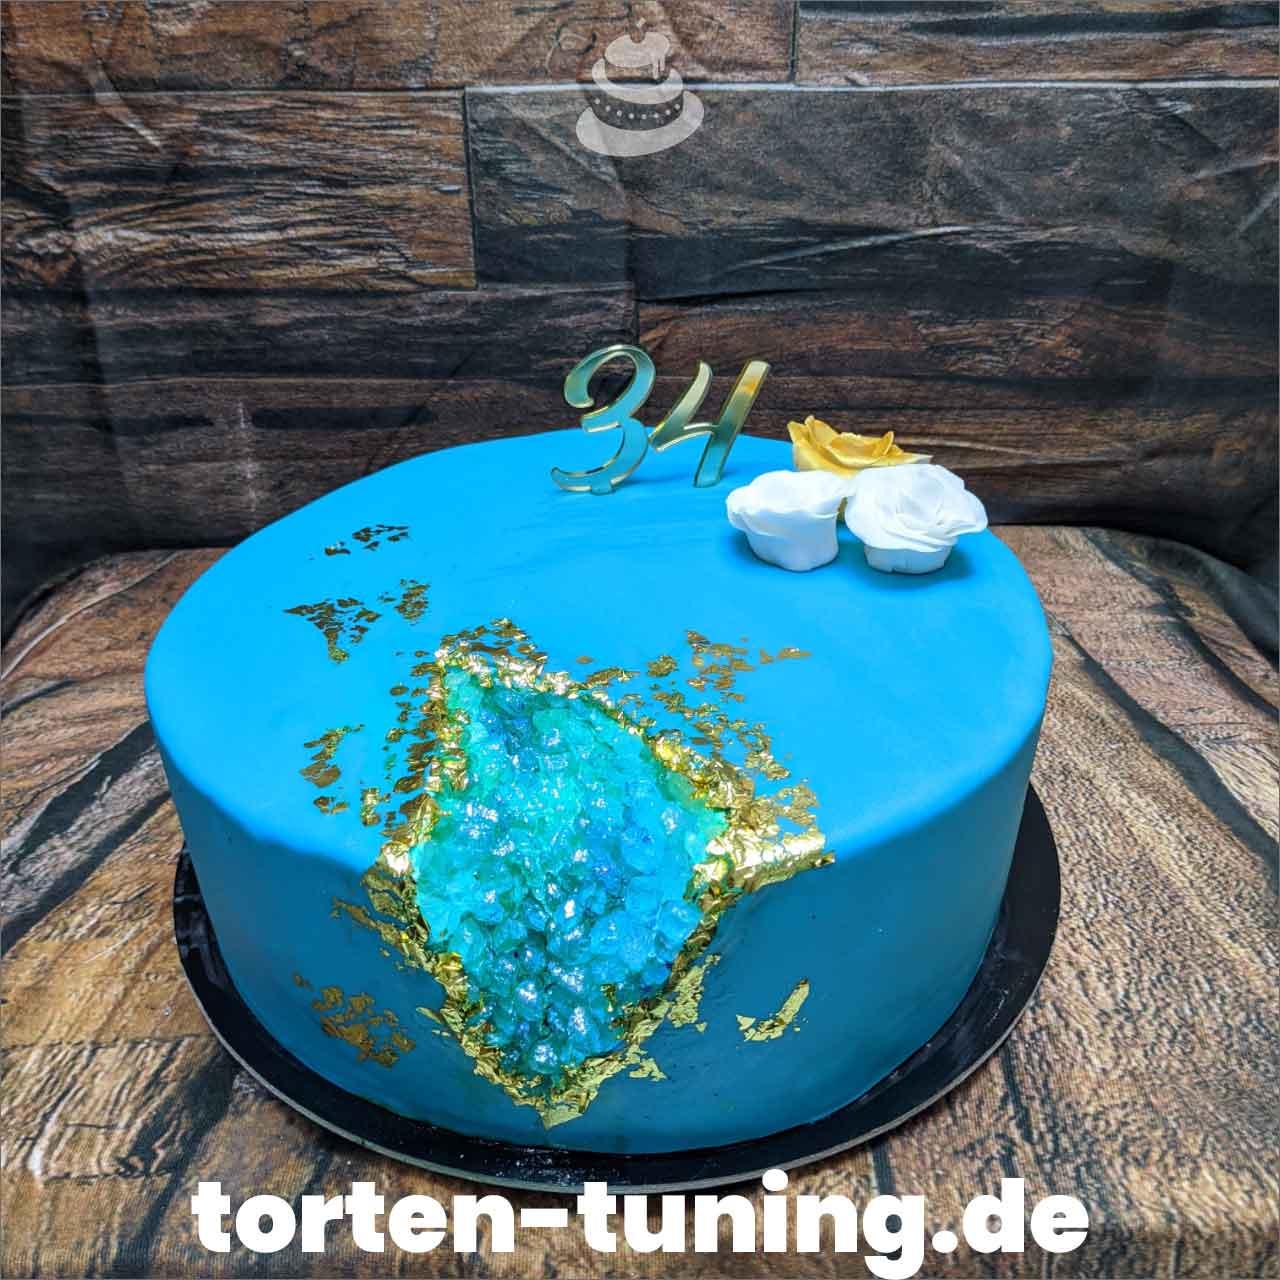 Geode Cake Torten Tuning Tortendekoration Geburtstagstorten Suhl Thüringen Backzubehörshop online bestellen Jugendweihe modellierte Figur